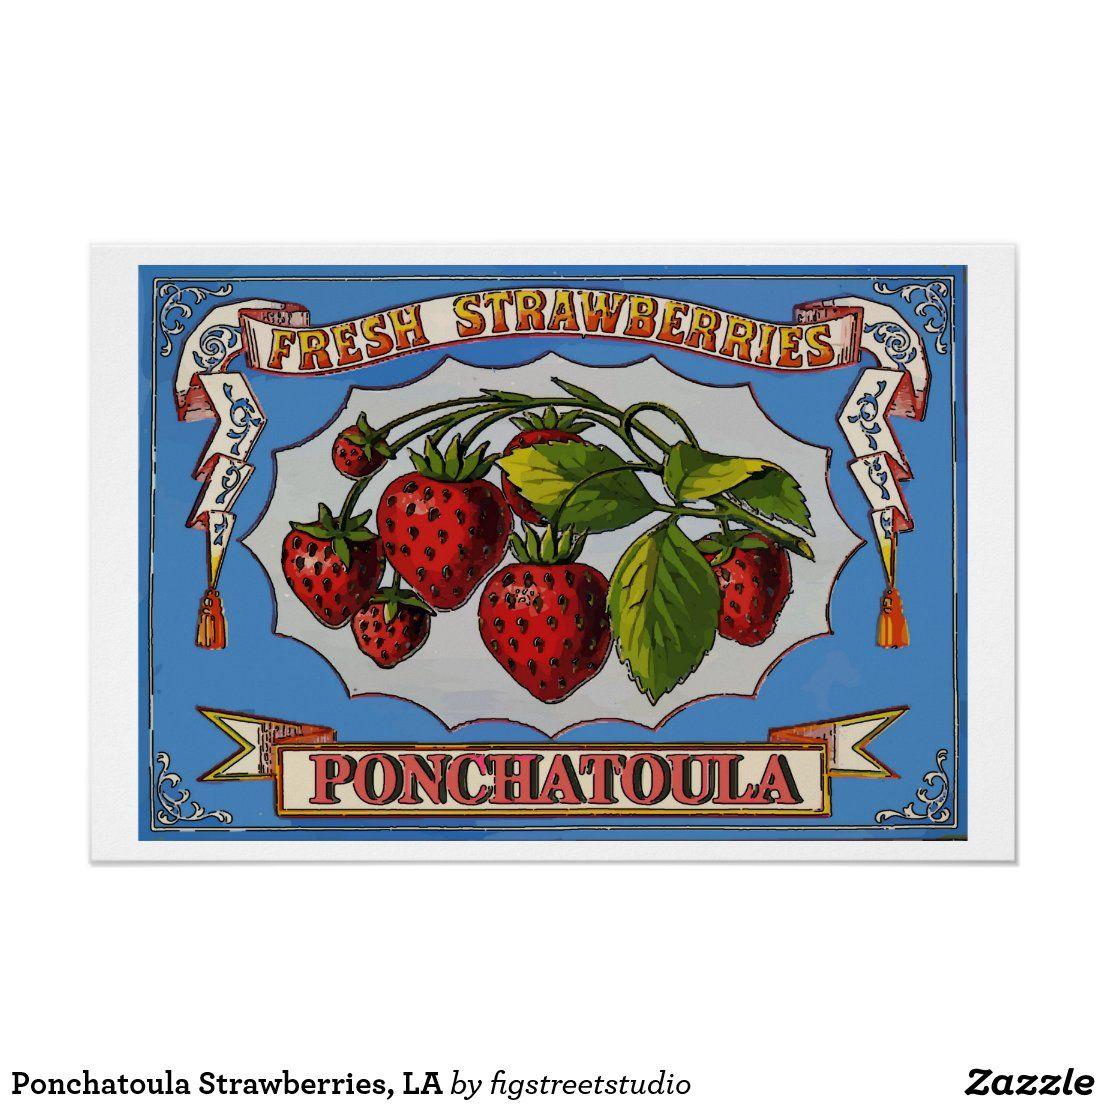 Ponchatoula Strawberries La Poster Zazzle Com In 2020 La Poster Poster Postcard